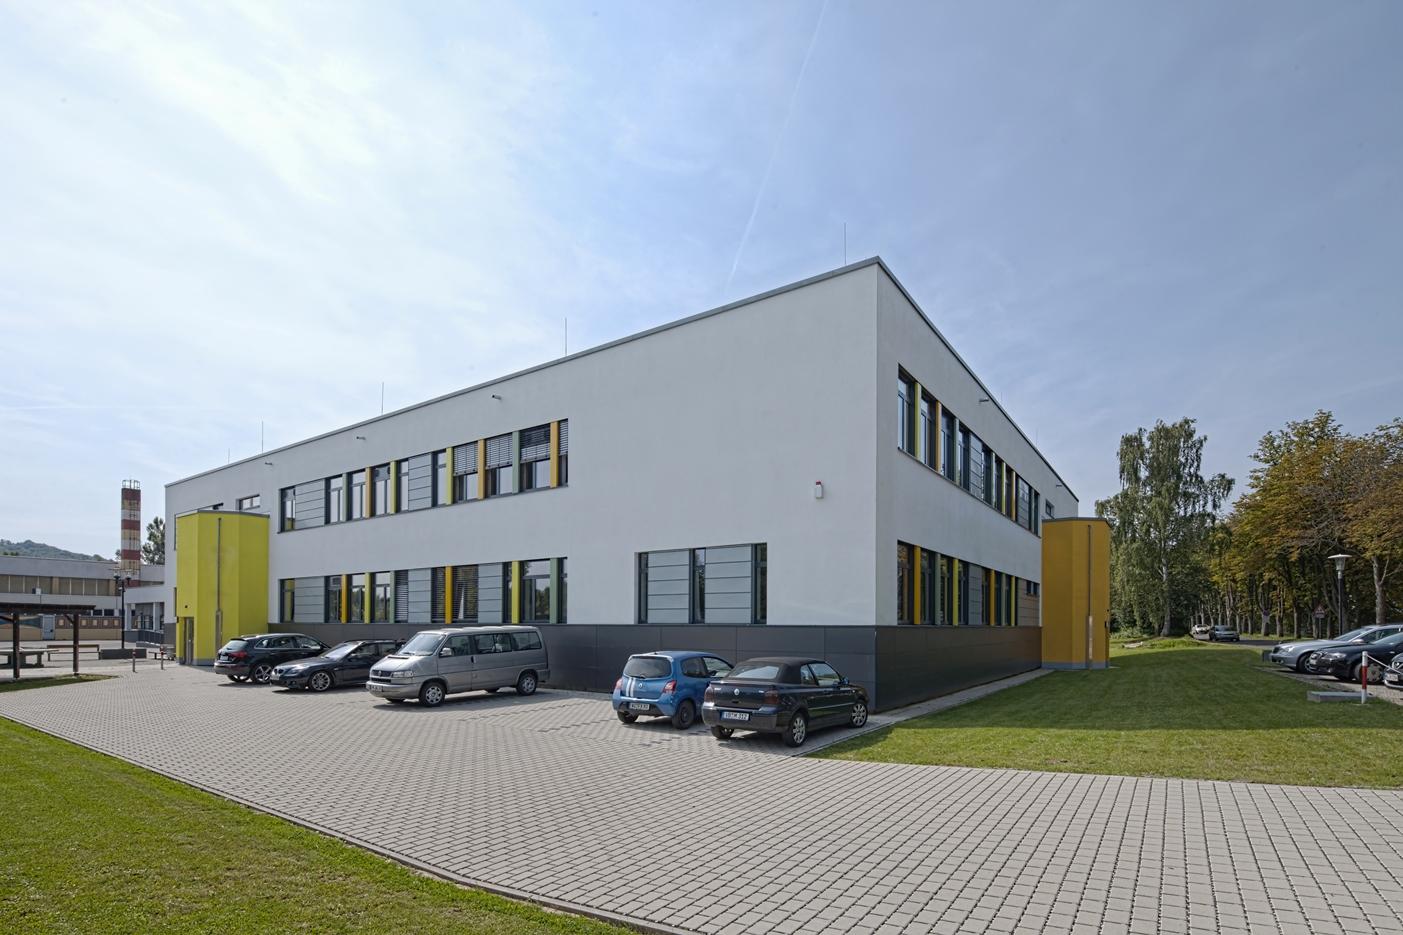 Martin-von-Tours-Schule, Neustadt